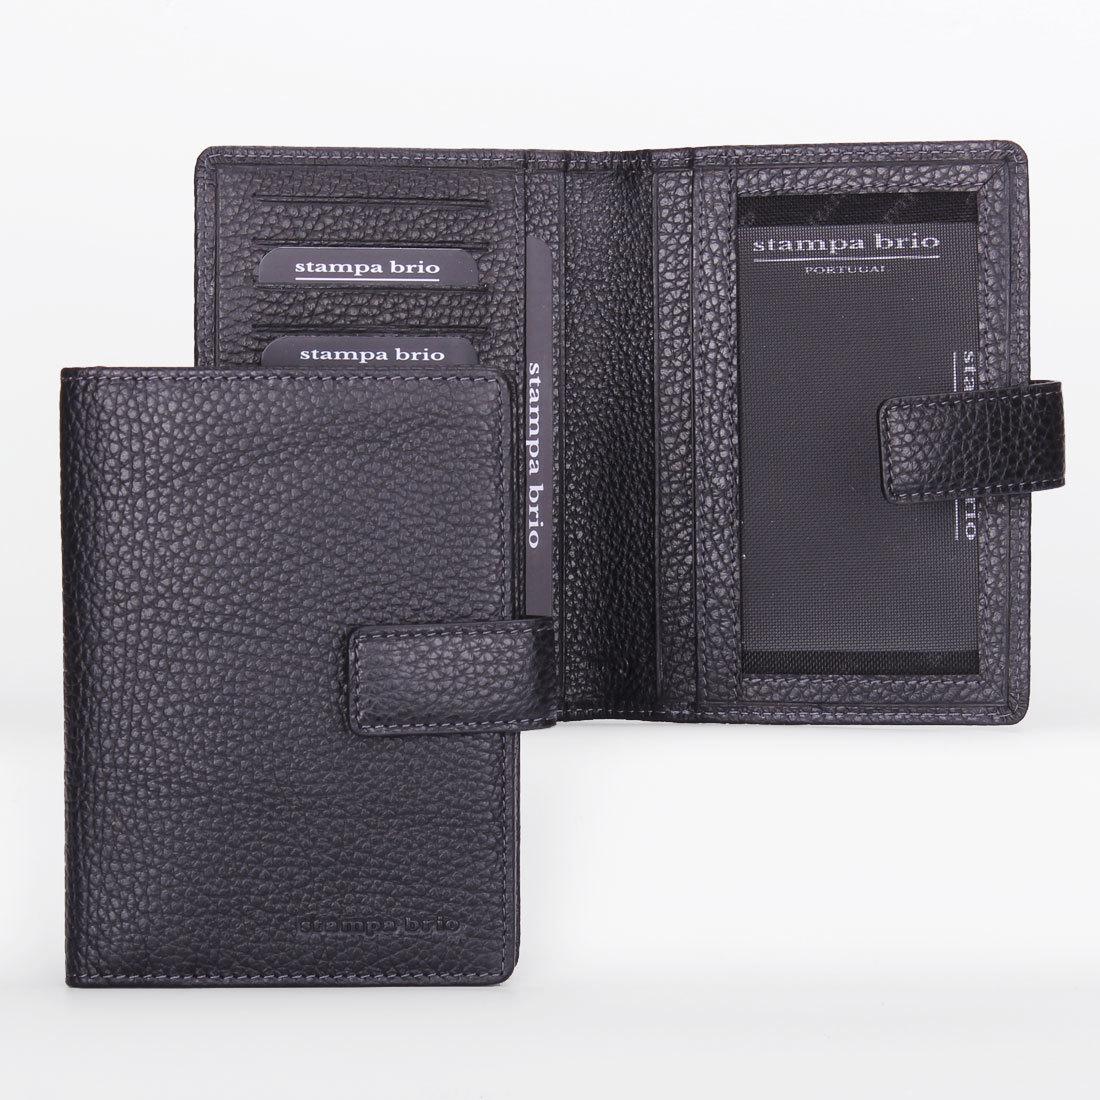 214 - Обложка для паспорта